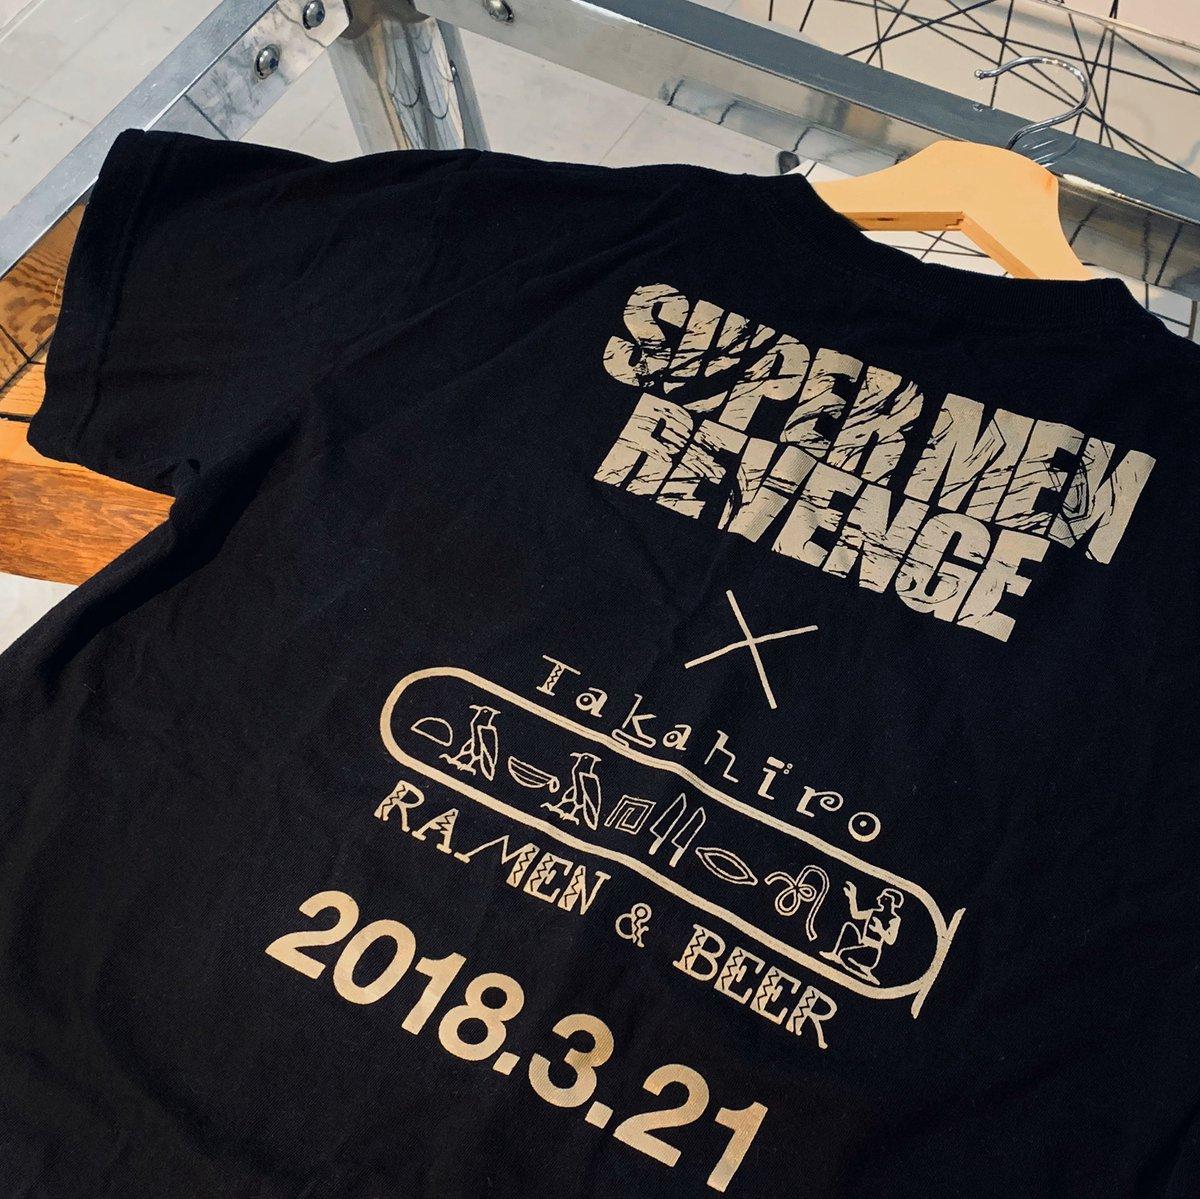 【#UNCHI社長プレゼント 第4段】  毎週土曜日に開催中! 過去の食器やT-shirt等、プレミアムなモノをプレゼント。  ◼️今回の景品は 激レア!『#SUPERMEN と #TAKAHIRORAMEN のコラボTシャツ』です。  今回限り3名様に当たりますので、ドシドシご応募ください。